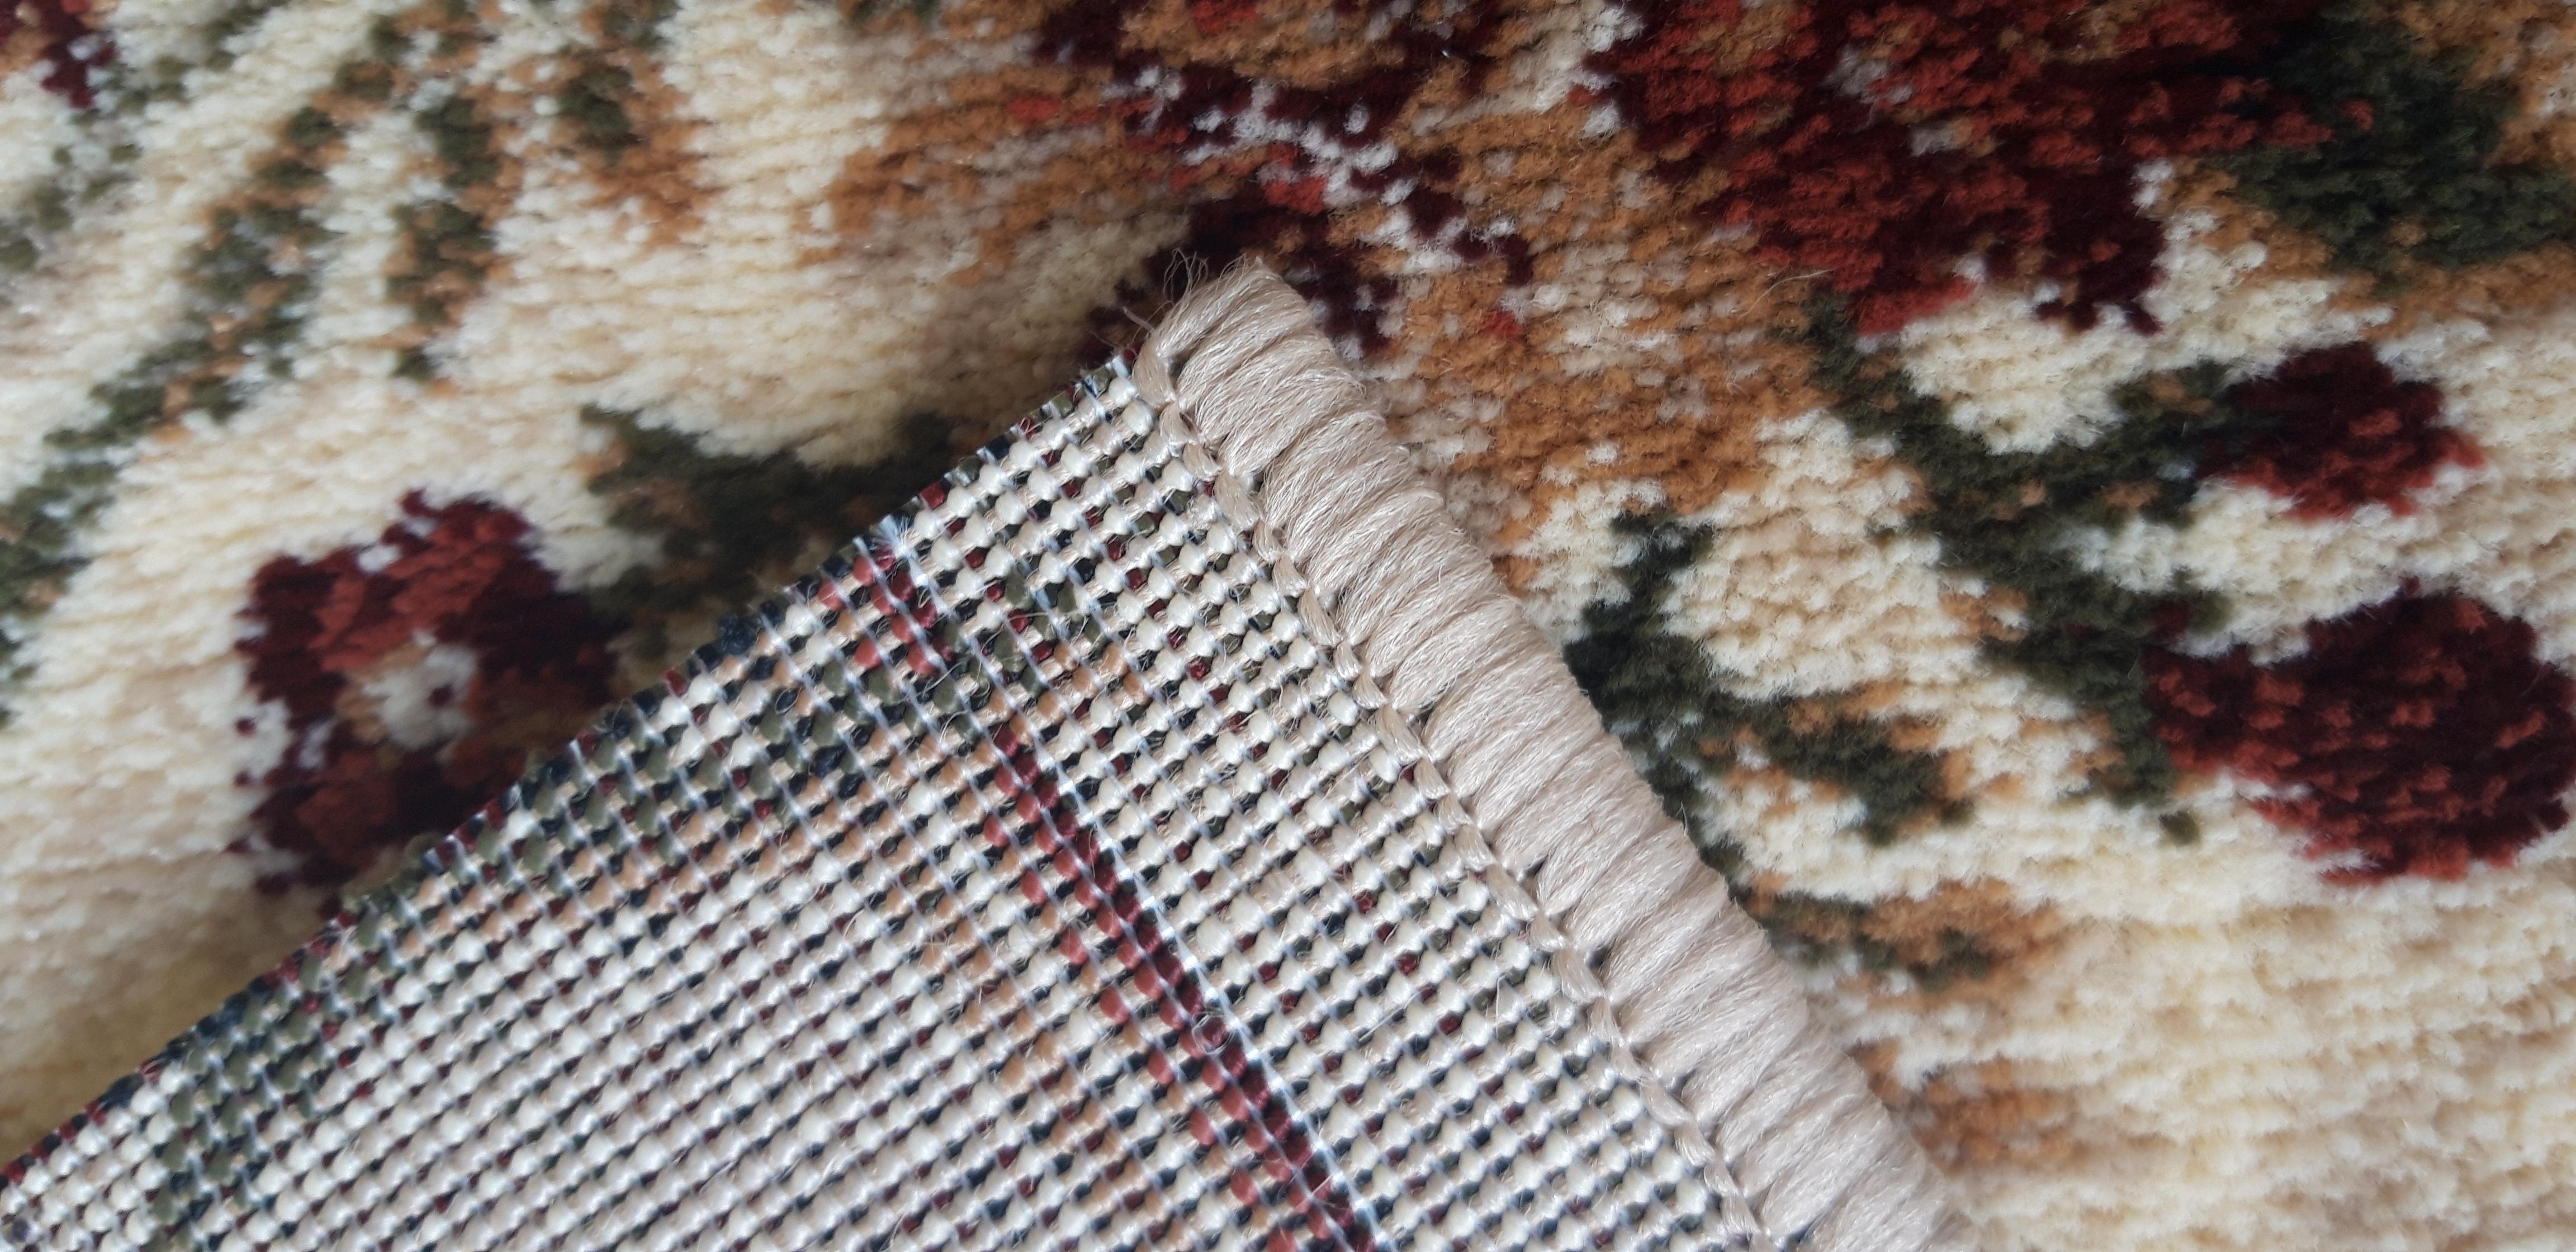 Traversa Covor, Lotos 551, Crem / Bej, 100x600 cm, 1800 gr/mp 4